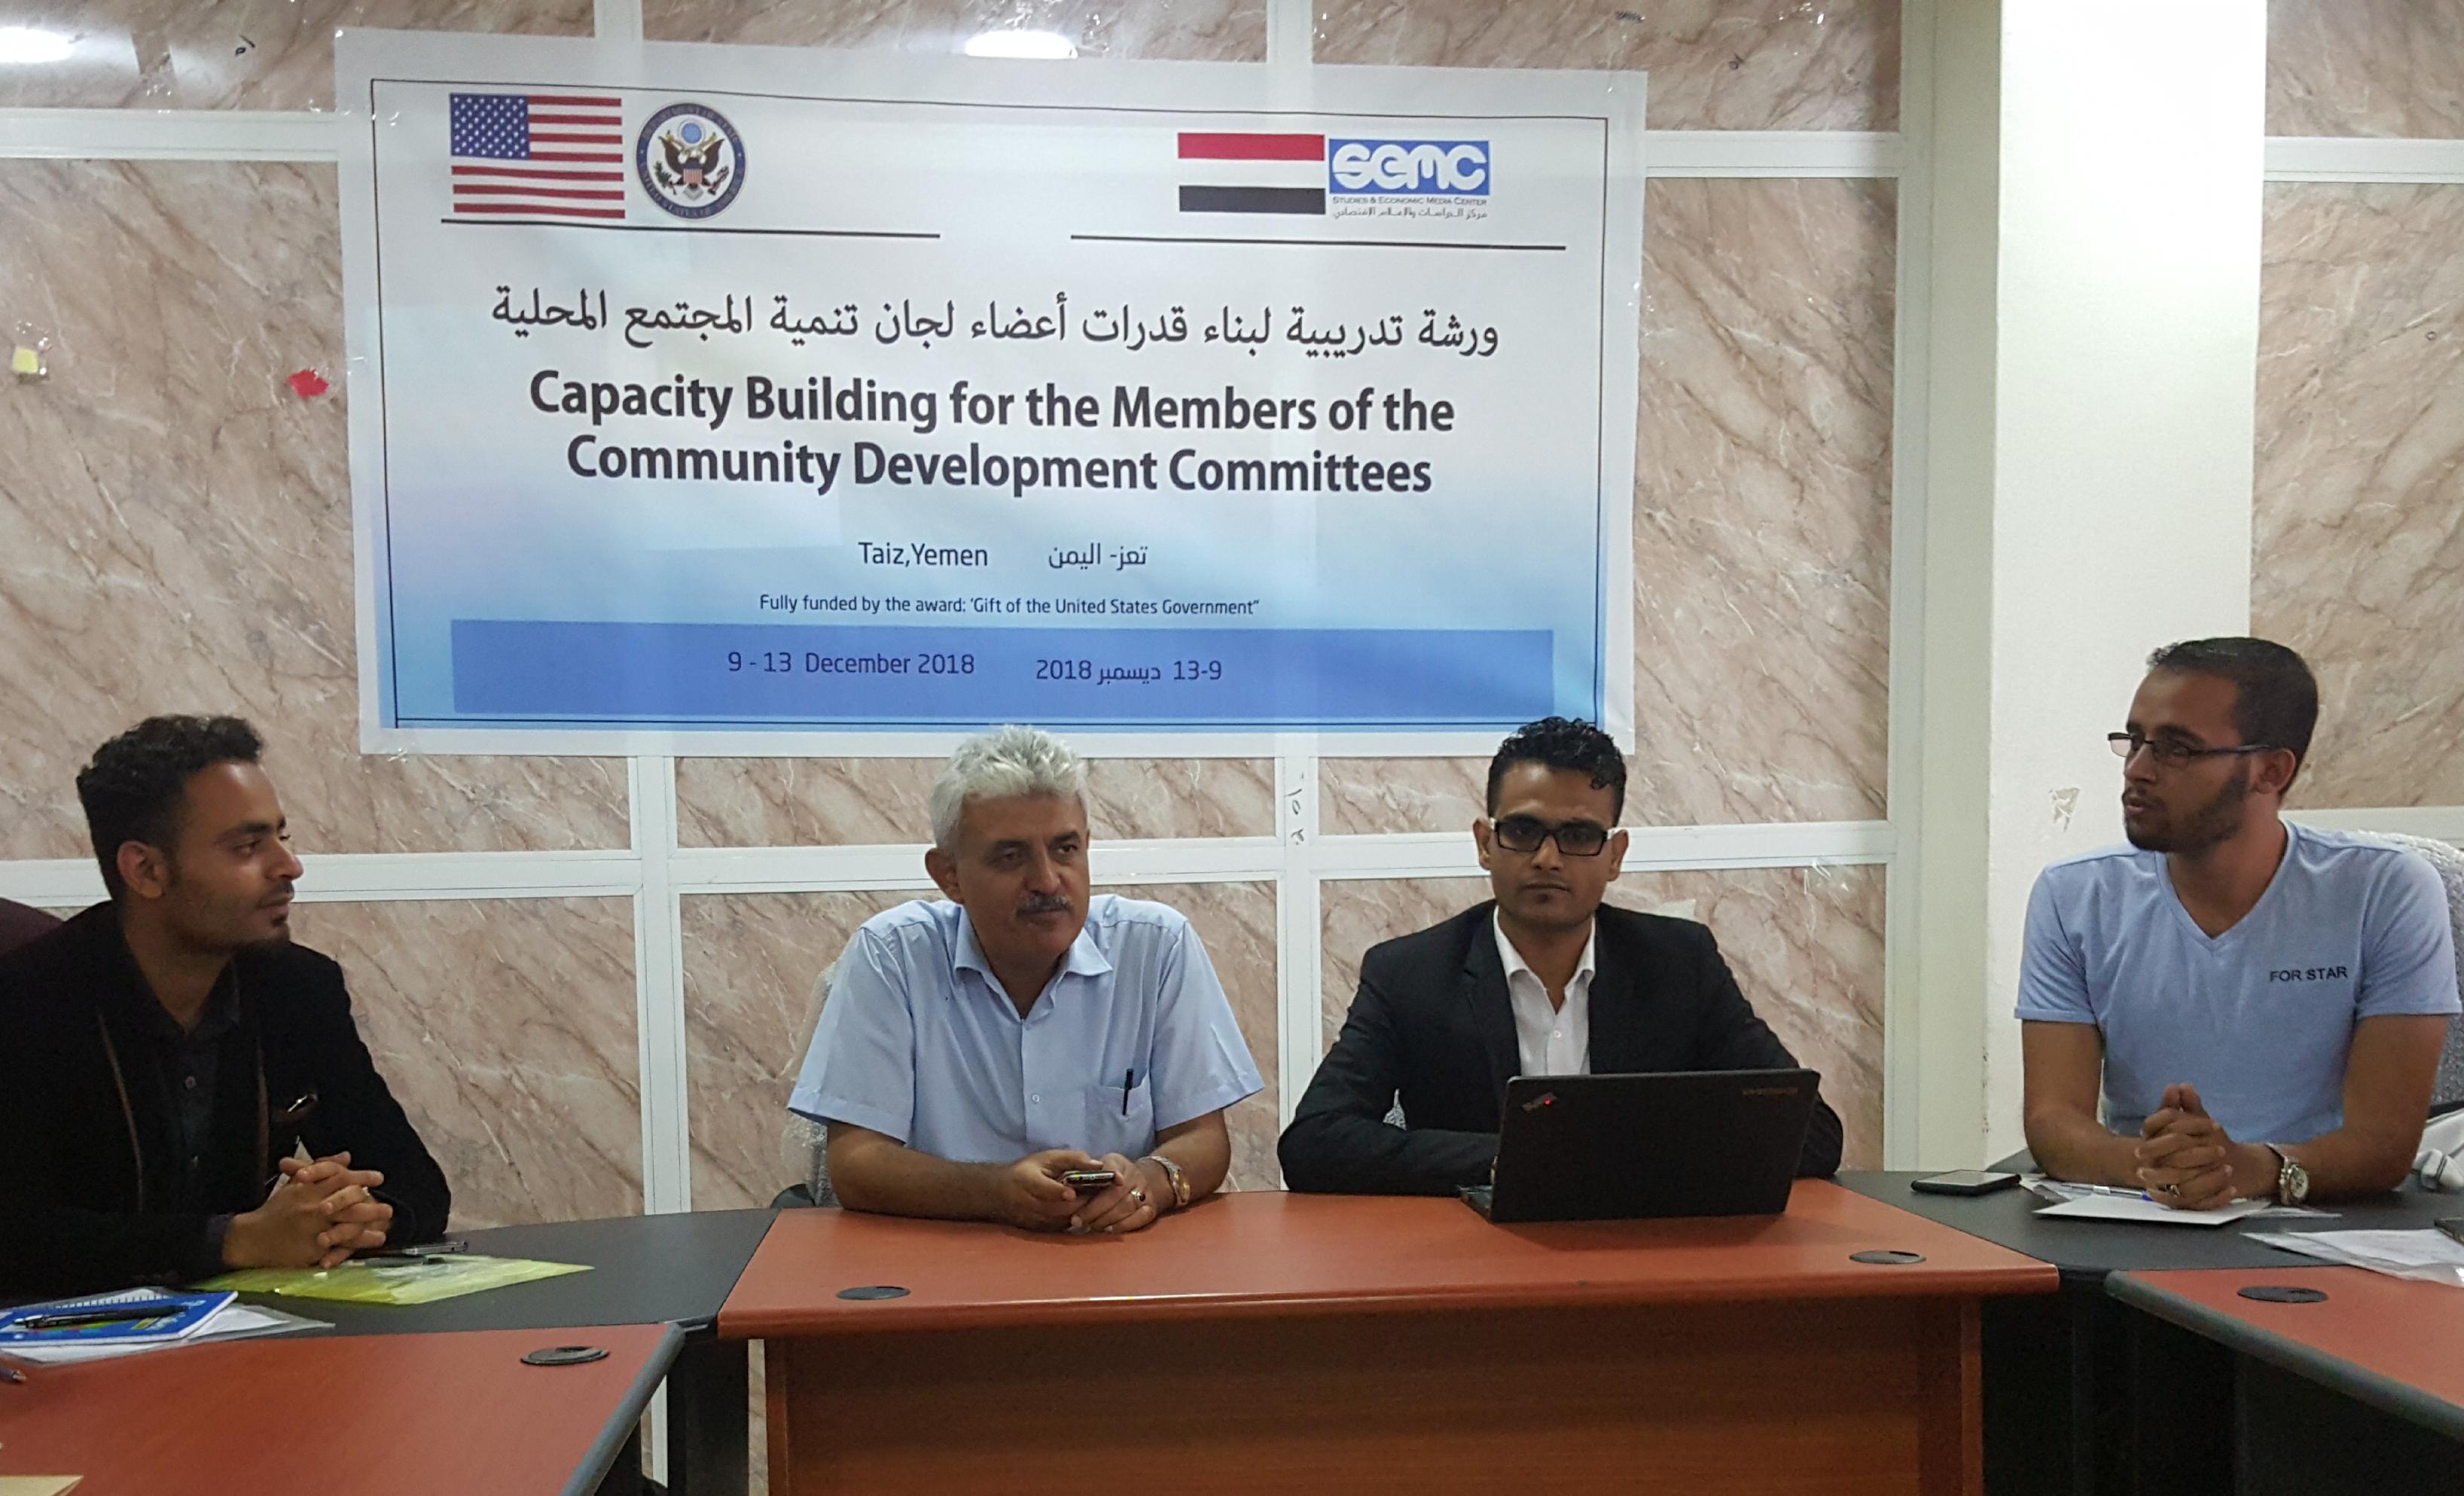 """تحت شعار """" معا نحو التنمية والمشاركة المجتمعية  """" ، الاعلام الاقتصادي يدشن مشروع بناء قدرات الشباب والمرأه في اليمن من اجل السلام ."""